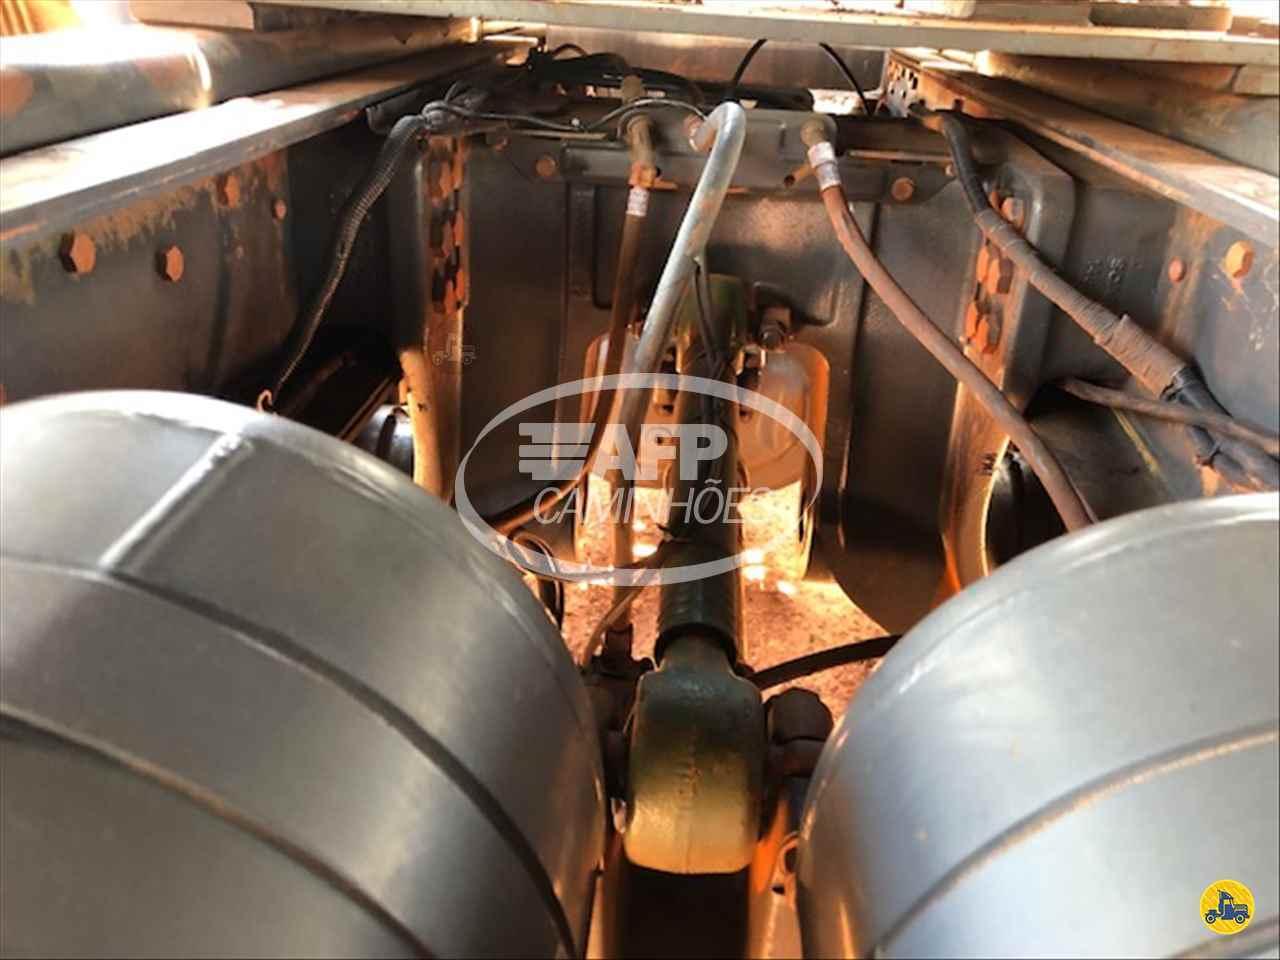 SCANIA SCANIA 440 780000km 2012/2012 AFP Caminhões